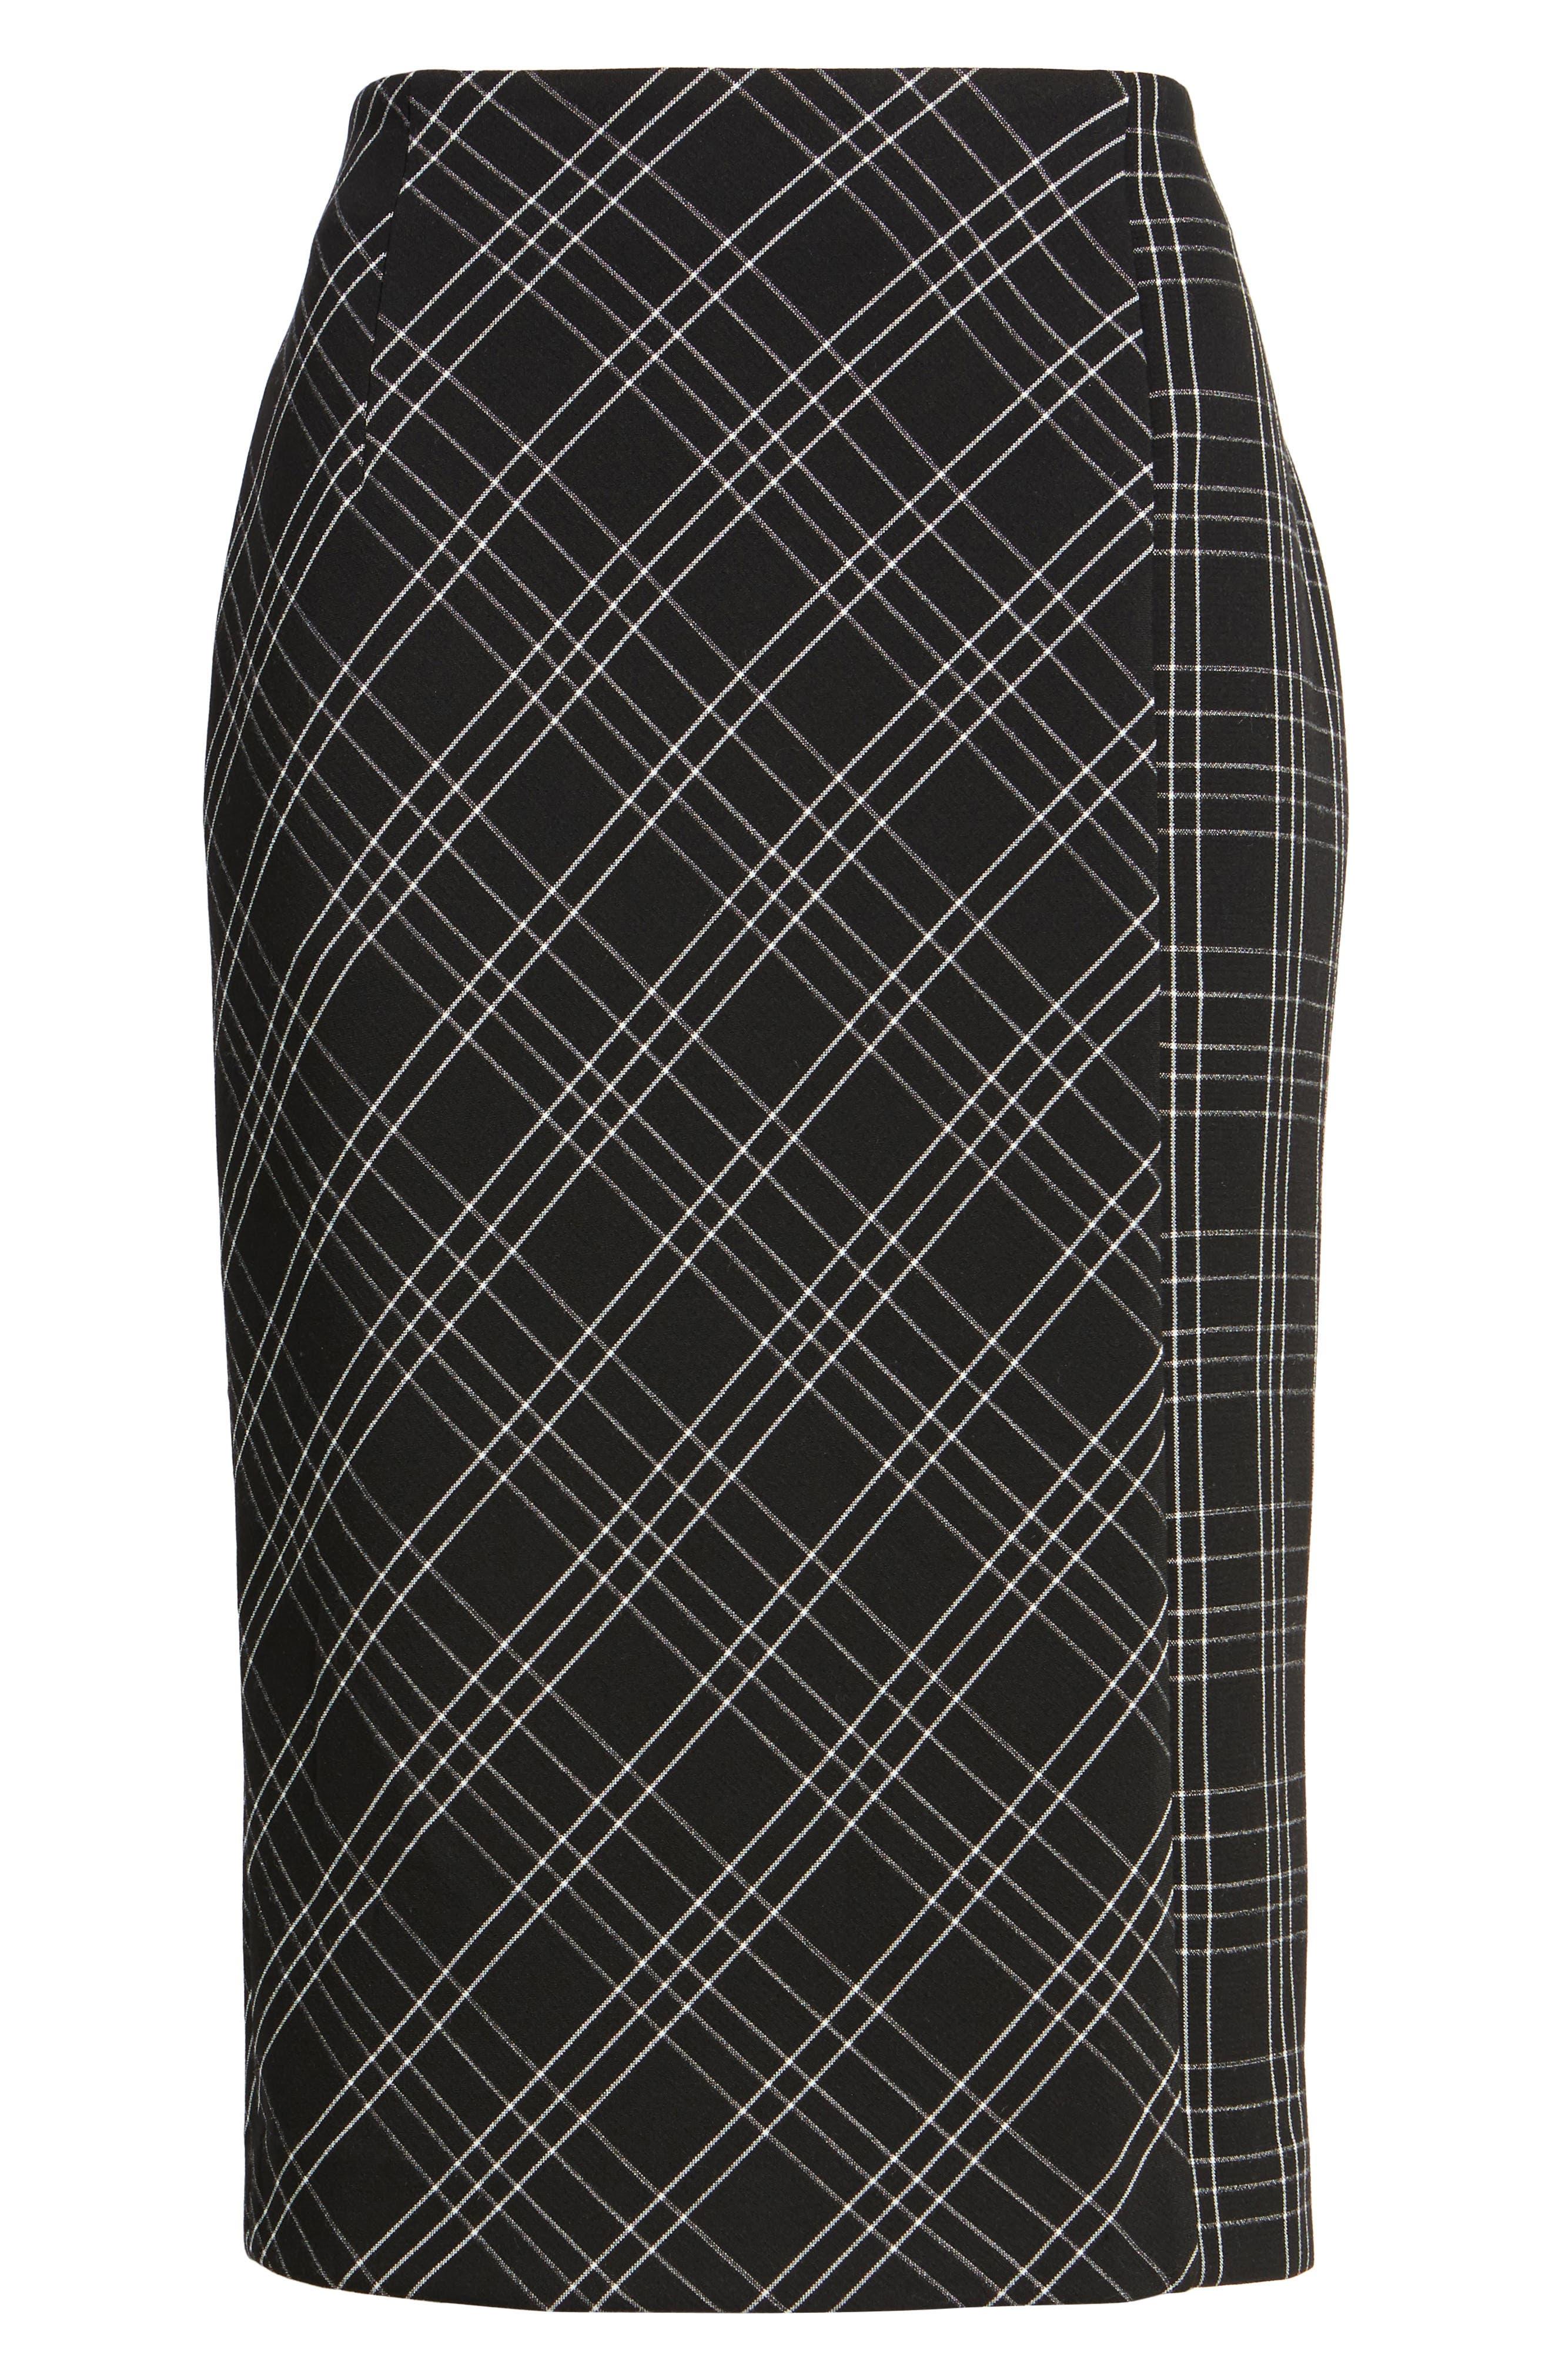 Plaid Pencil Skirt,                             Alternate thumbnail 6, color,                             Black- White Plaid